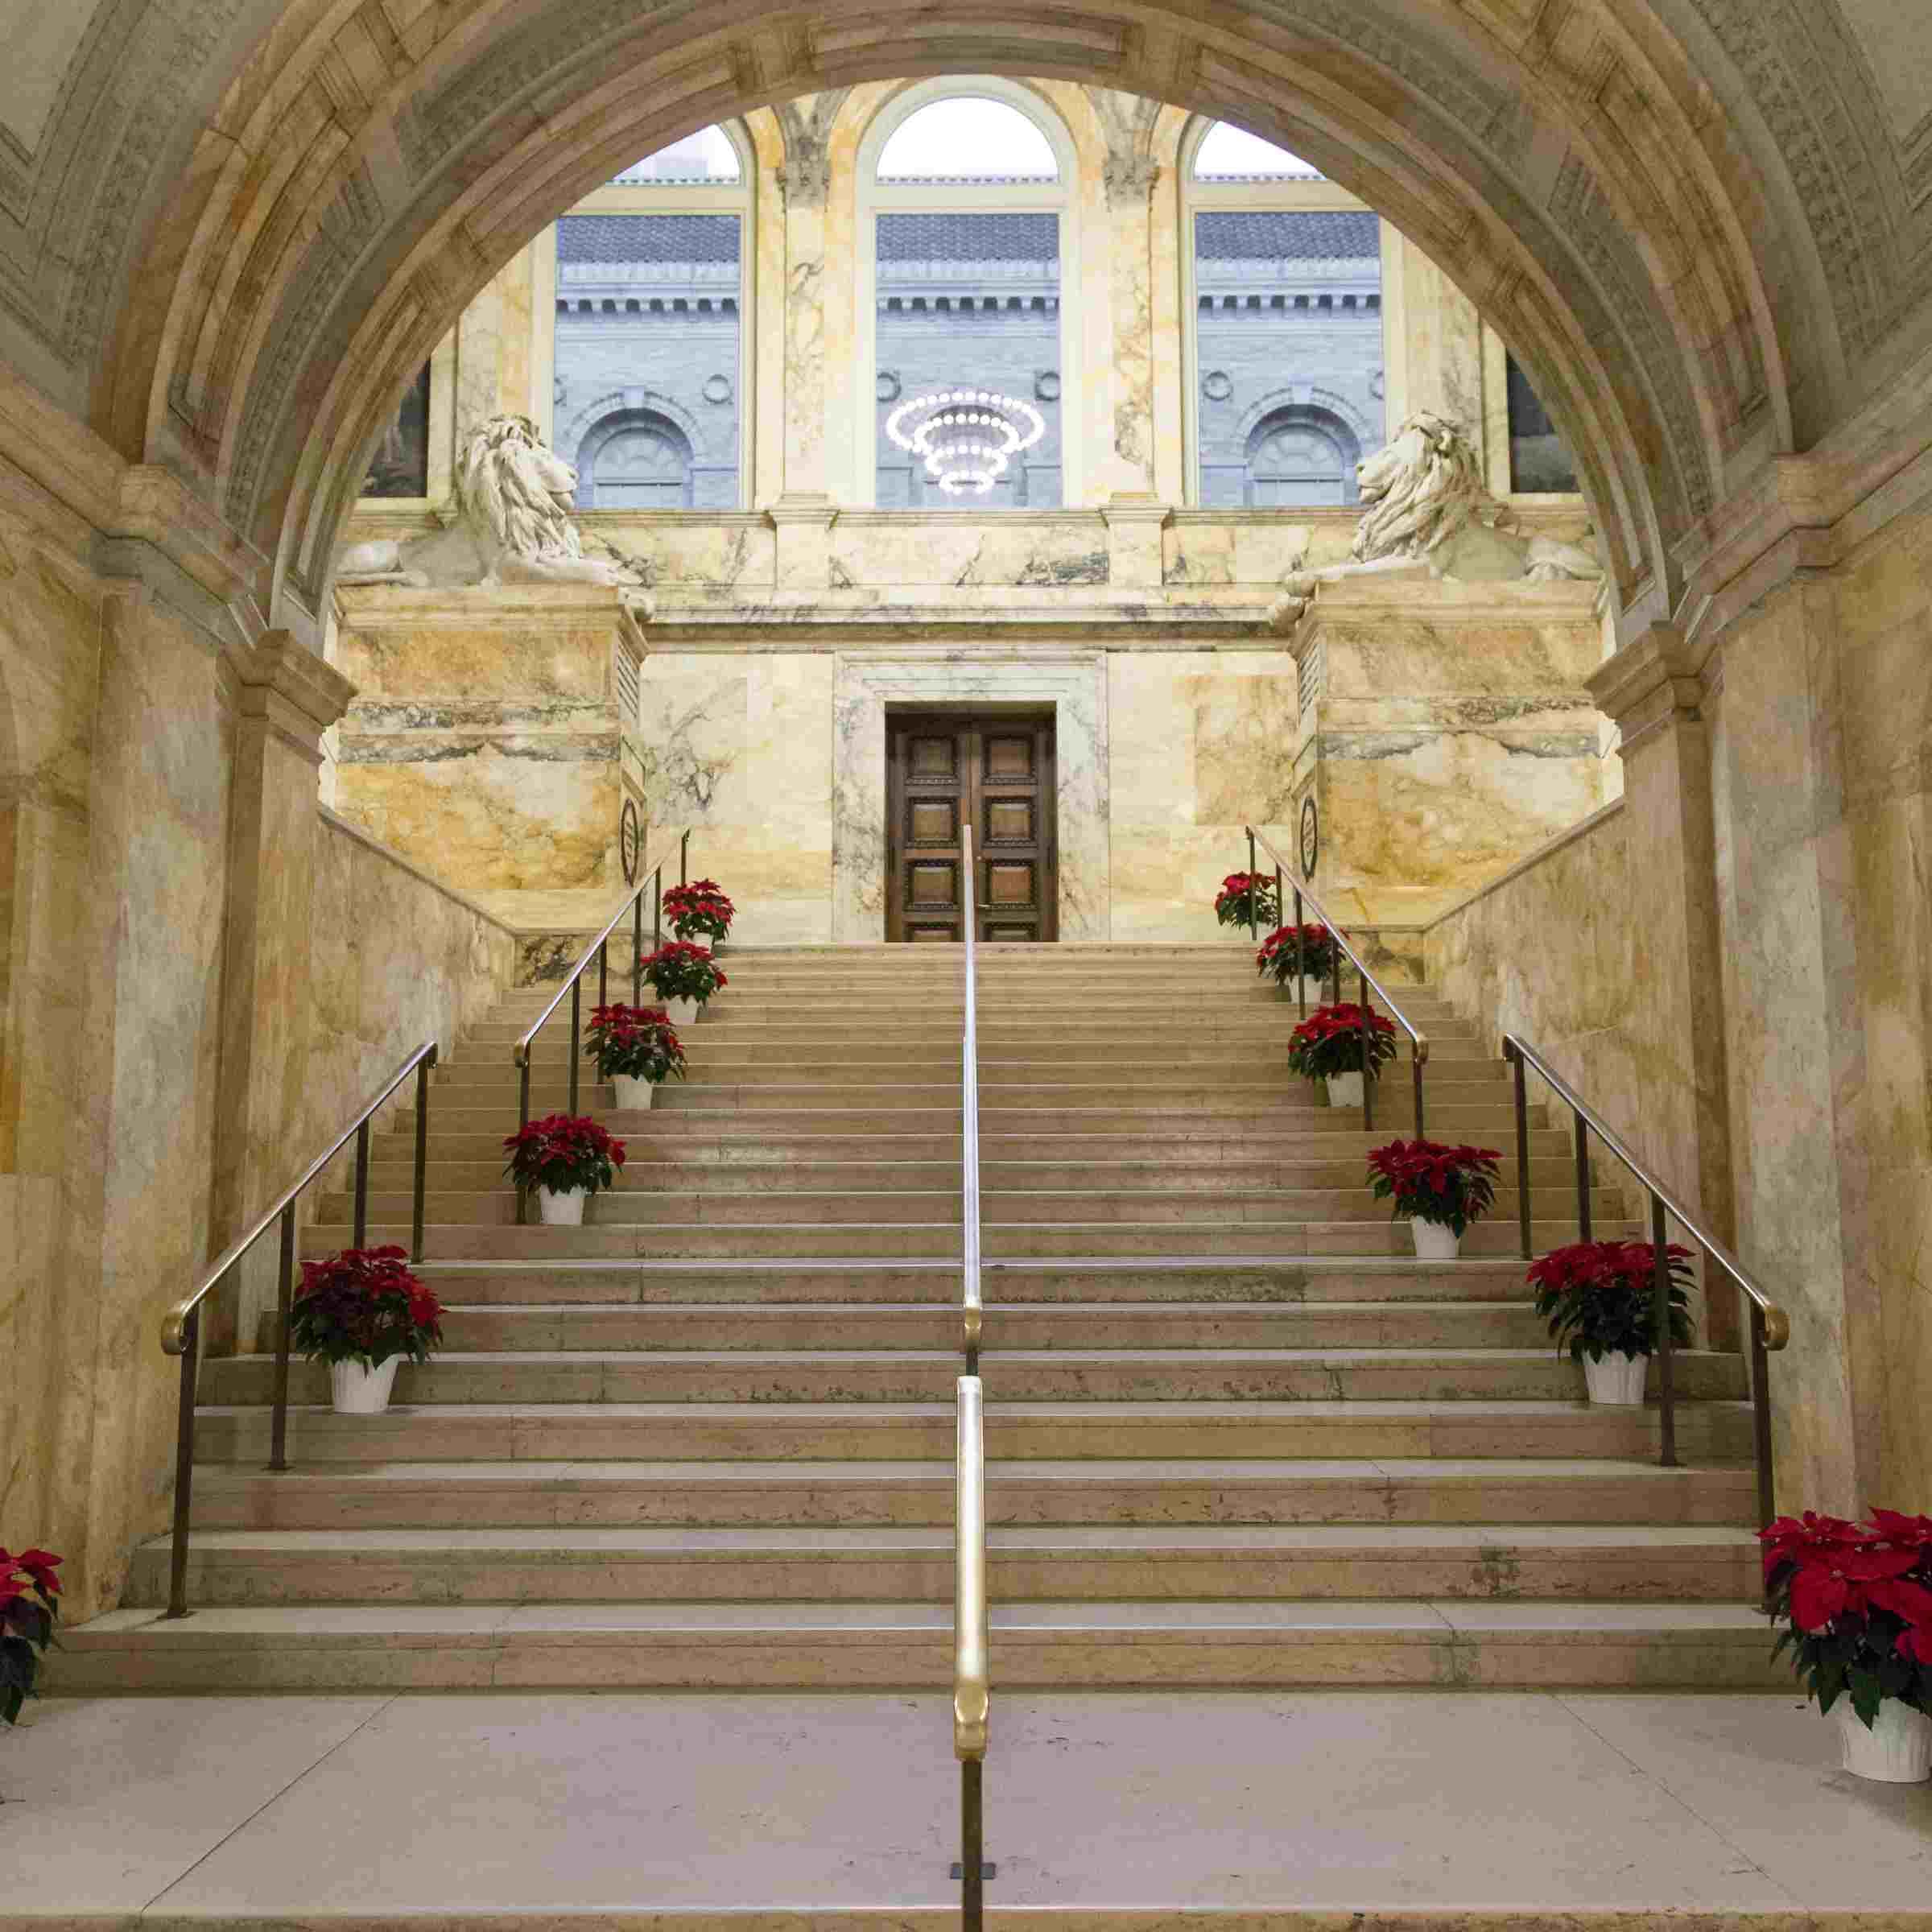 Treppen, gesäumt mit Poinsettien in der Boston Public Library